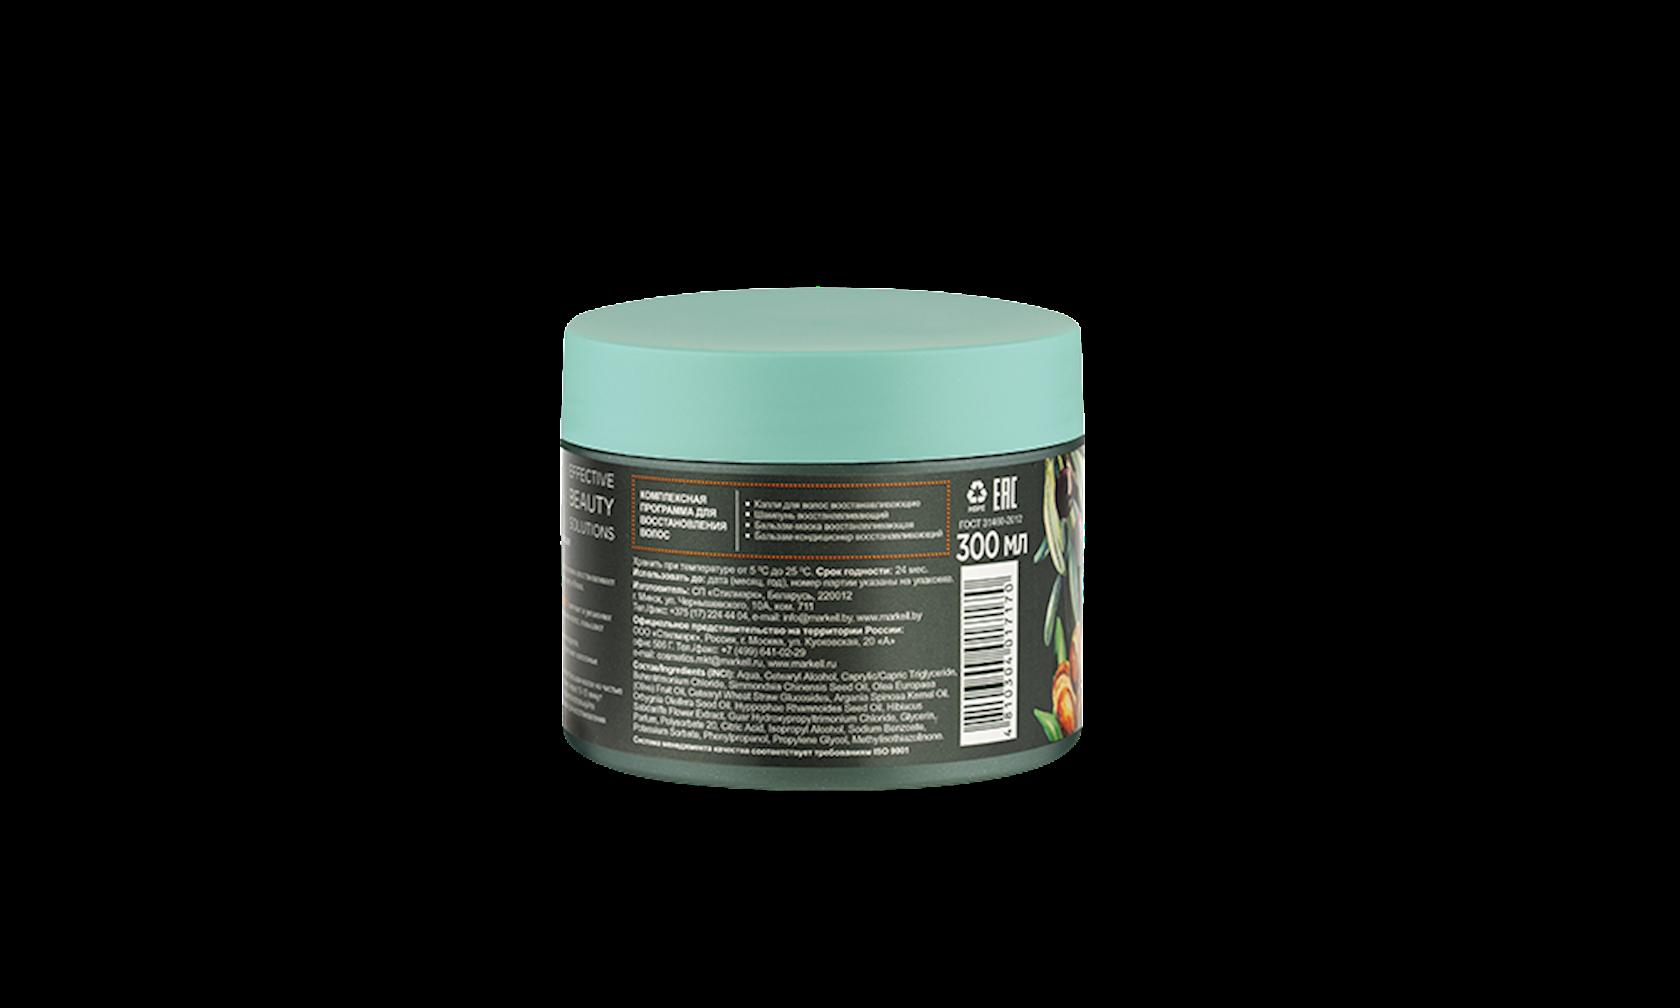 Balzam-maska saçlar üçün Markell Green Collection Bərpaedici 300 ml